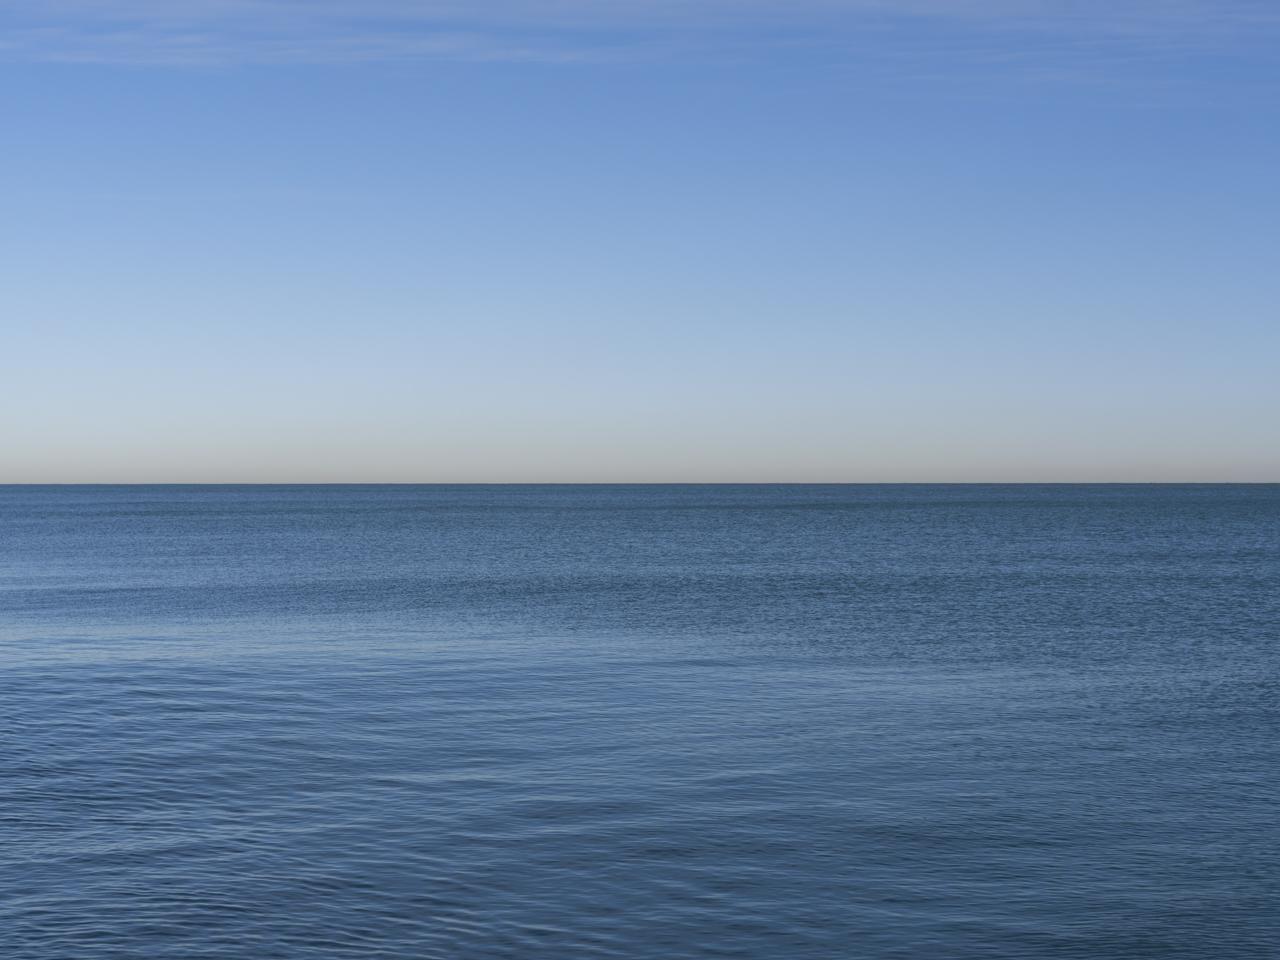 Lake Michigan, January 6th, 2020